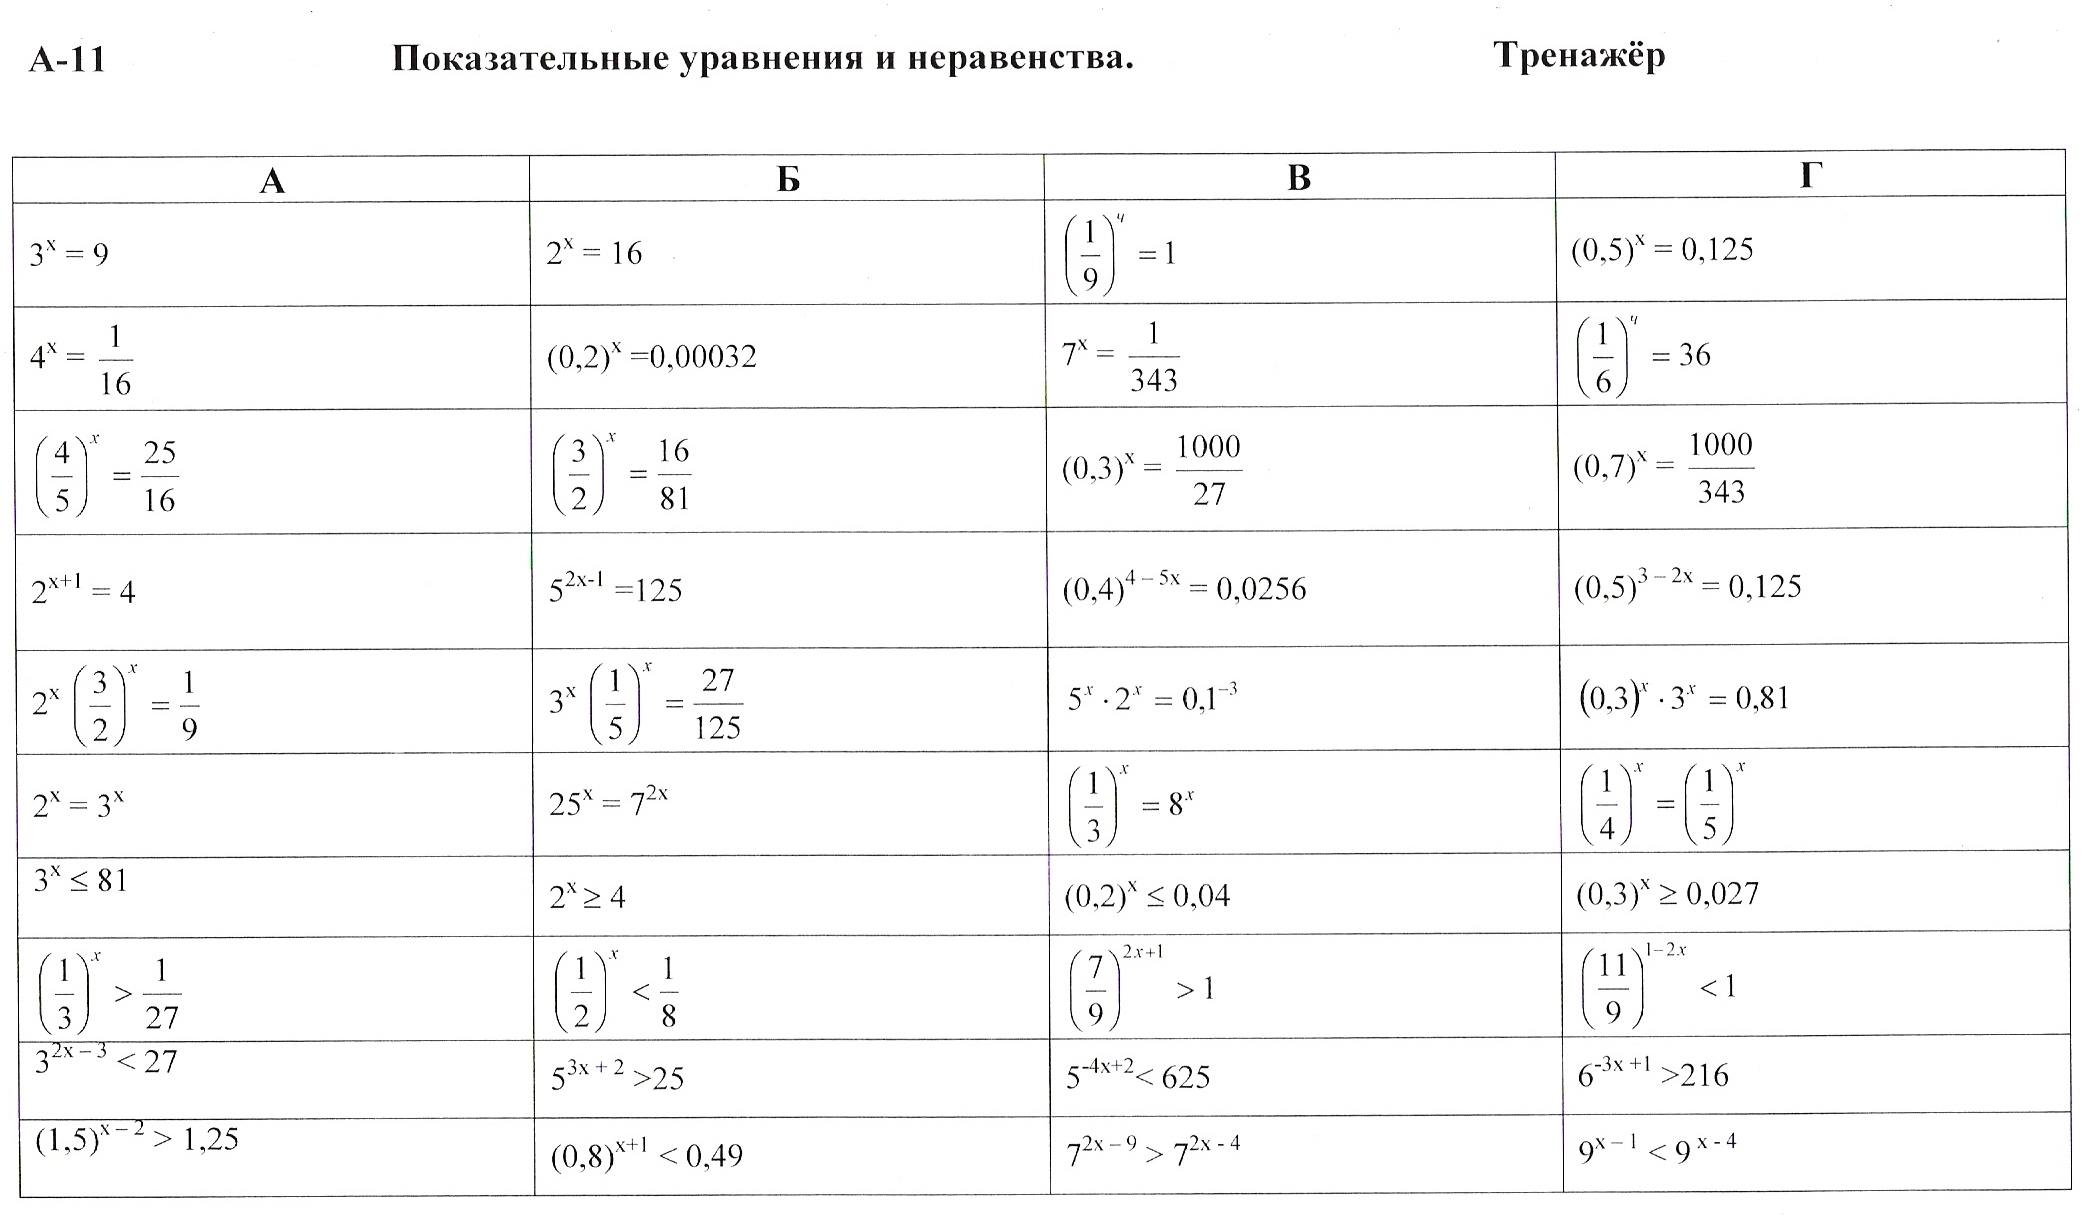 конспект ипрезентация урока алгебры в 10 кл равносильные уравнения и неравенства